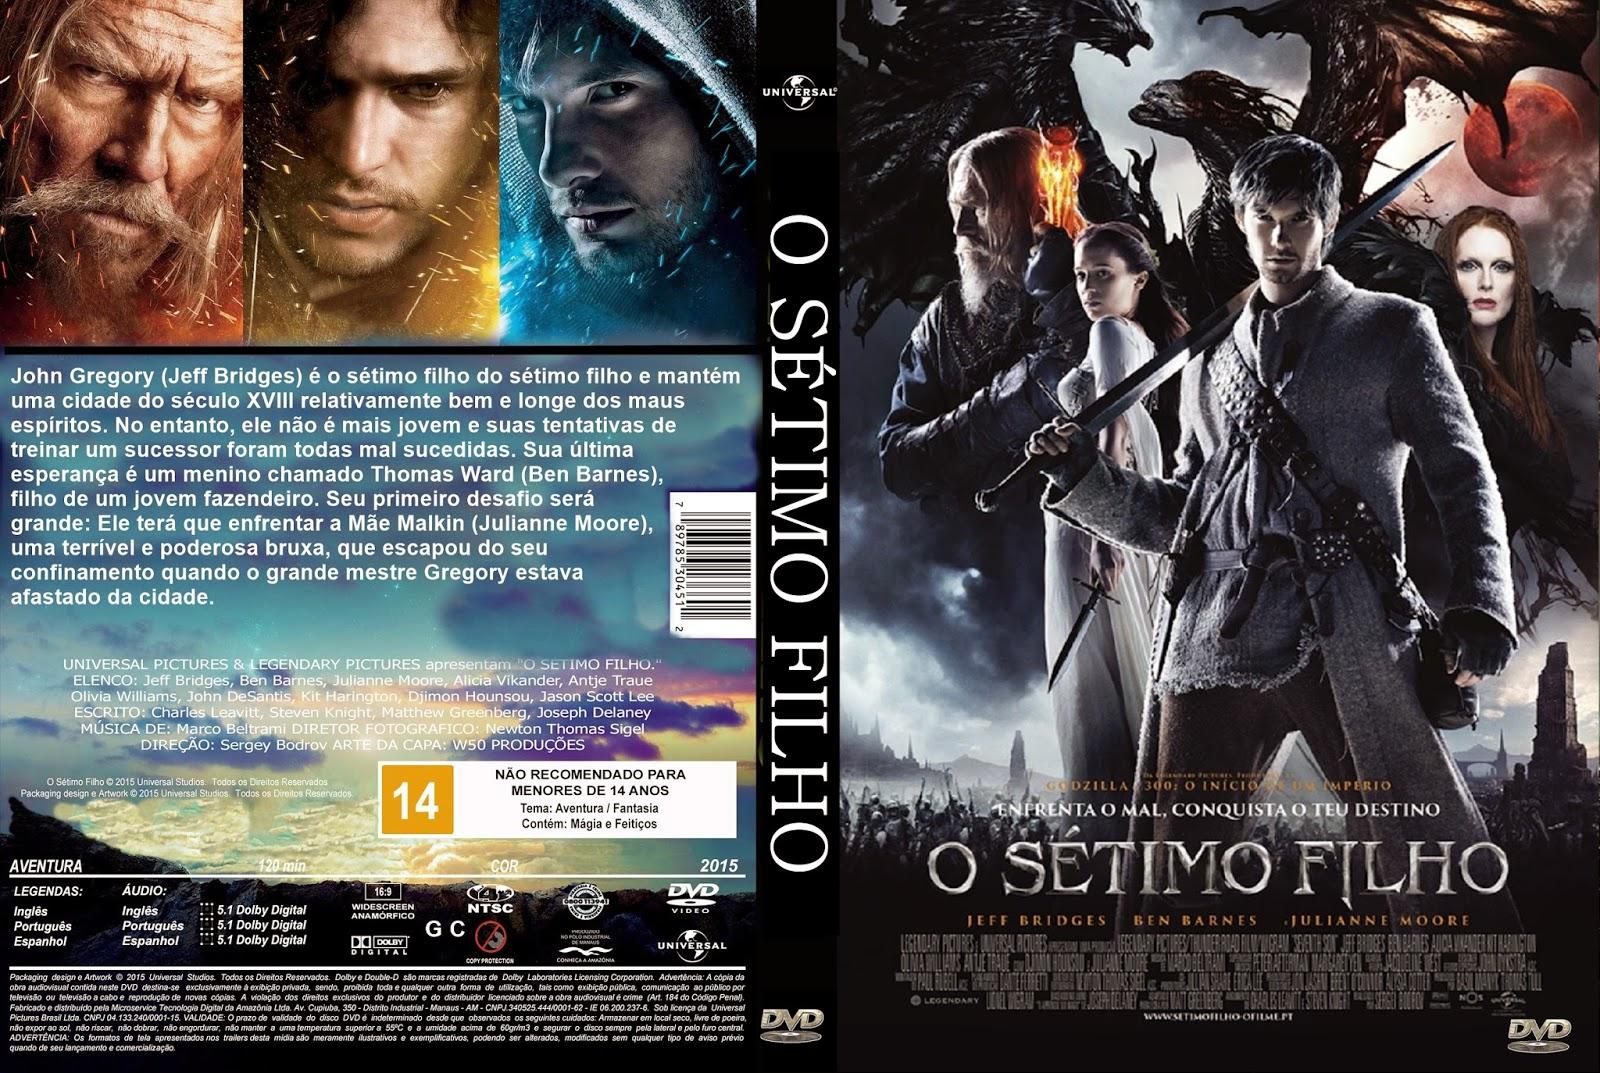 Download O Sétimo Filho BDRip XviD Dual Áudio o 2B7 2Bfilho